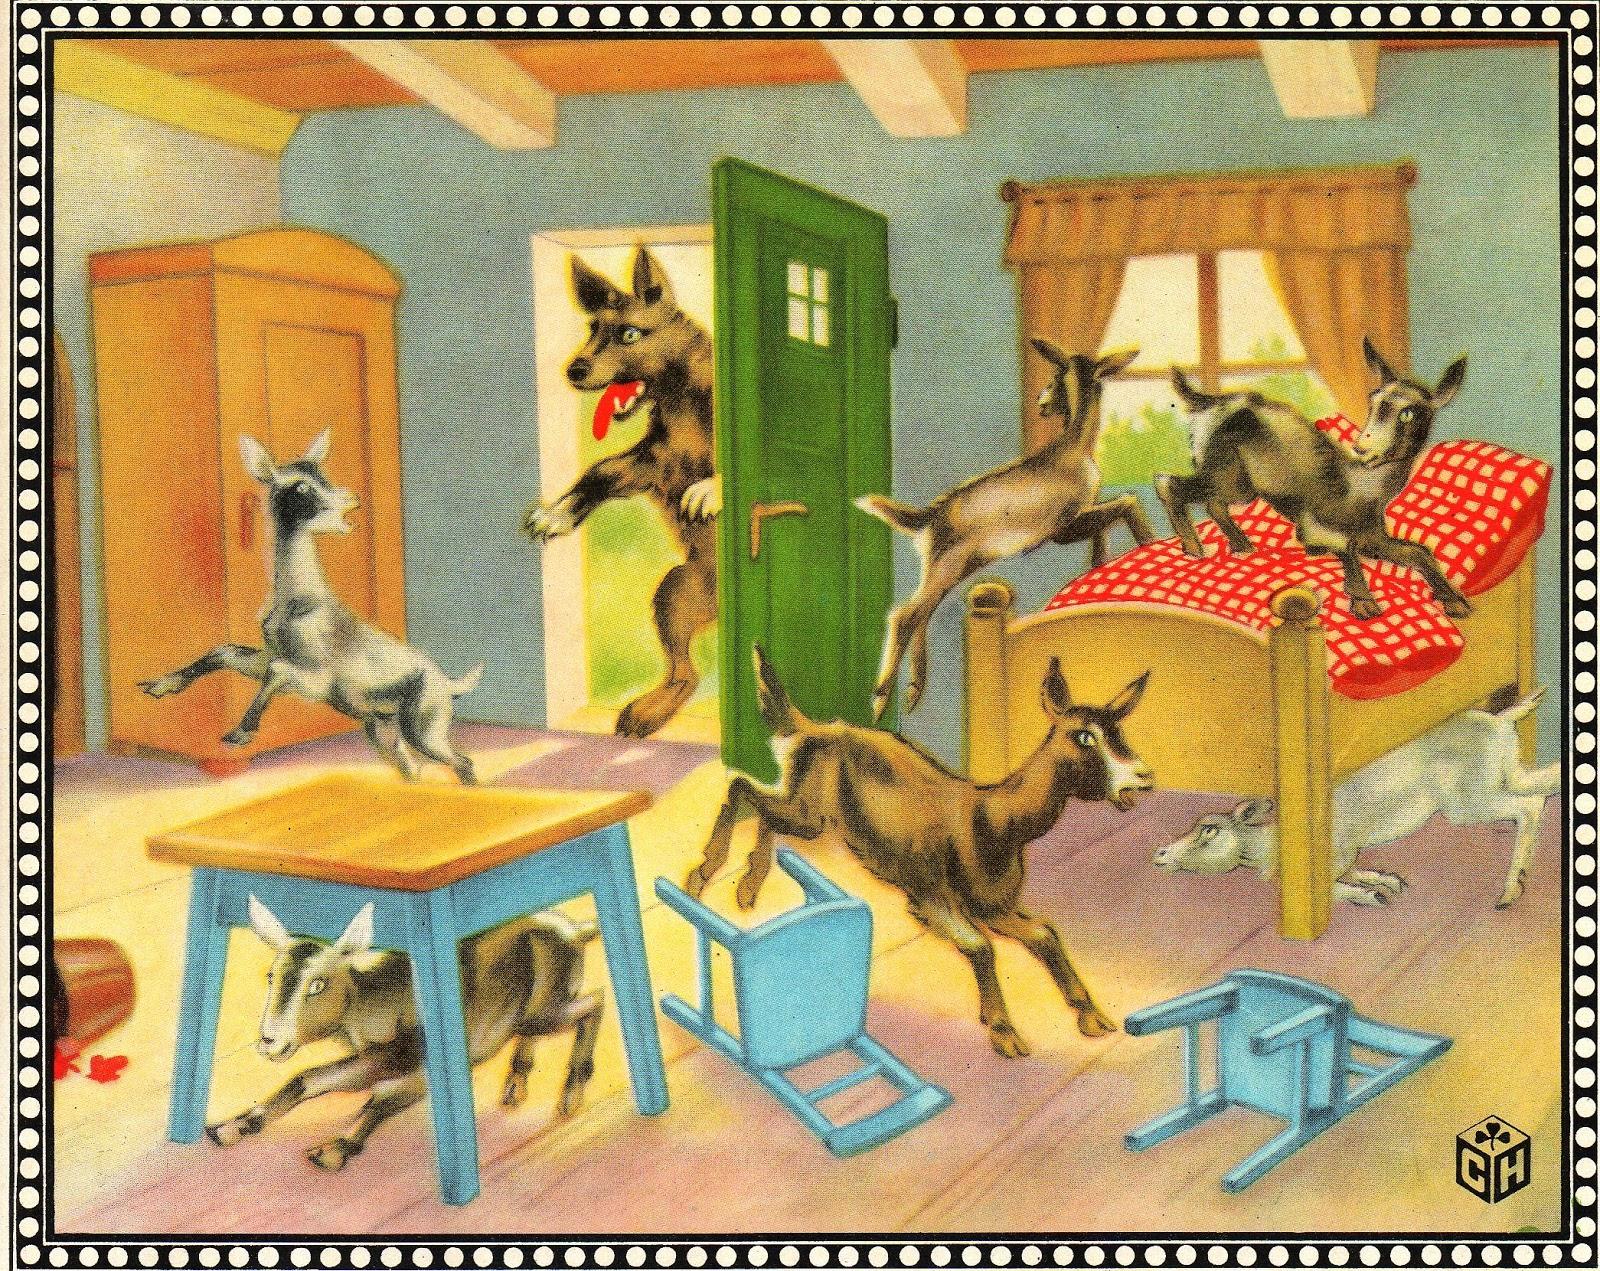 http://4.bp.blogspot.com/-c0Wyi8PLHtQ/UH_NHeeXCcI/AAAAAAAACZY/UhwFuPiiA9o/s1600/The+Wolf+and+Goat+Kids.jpg